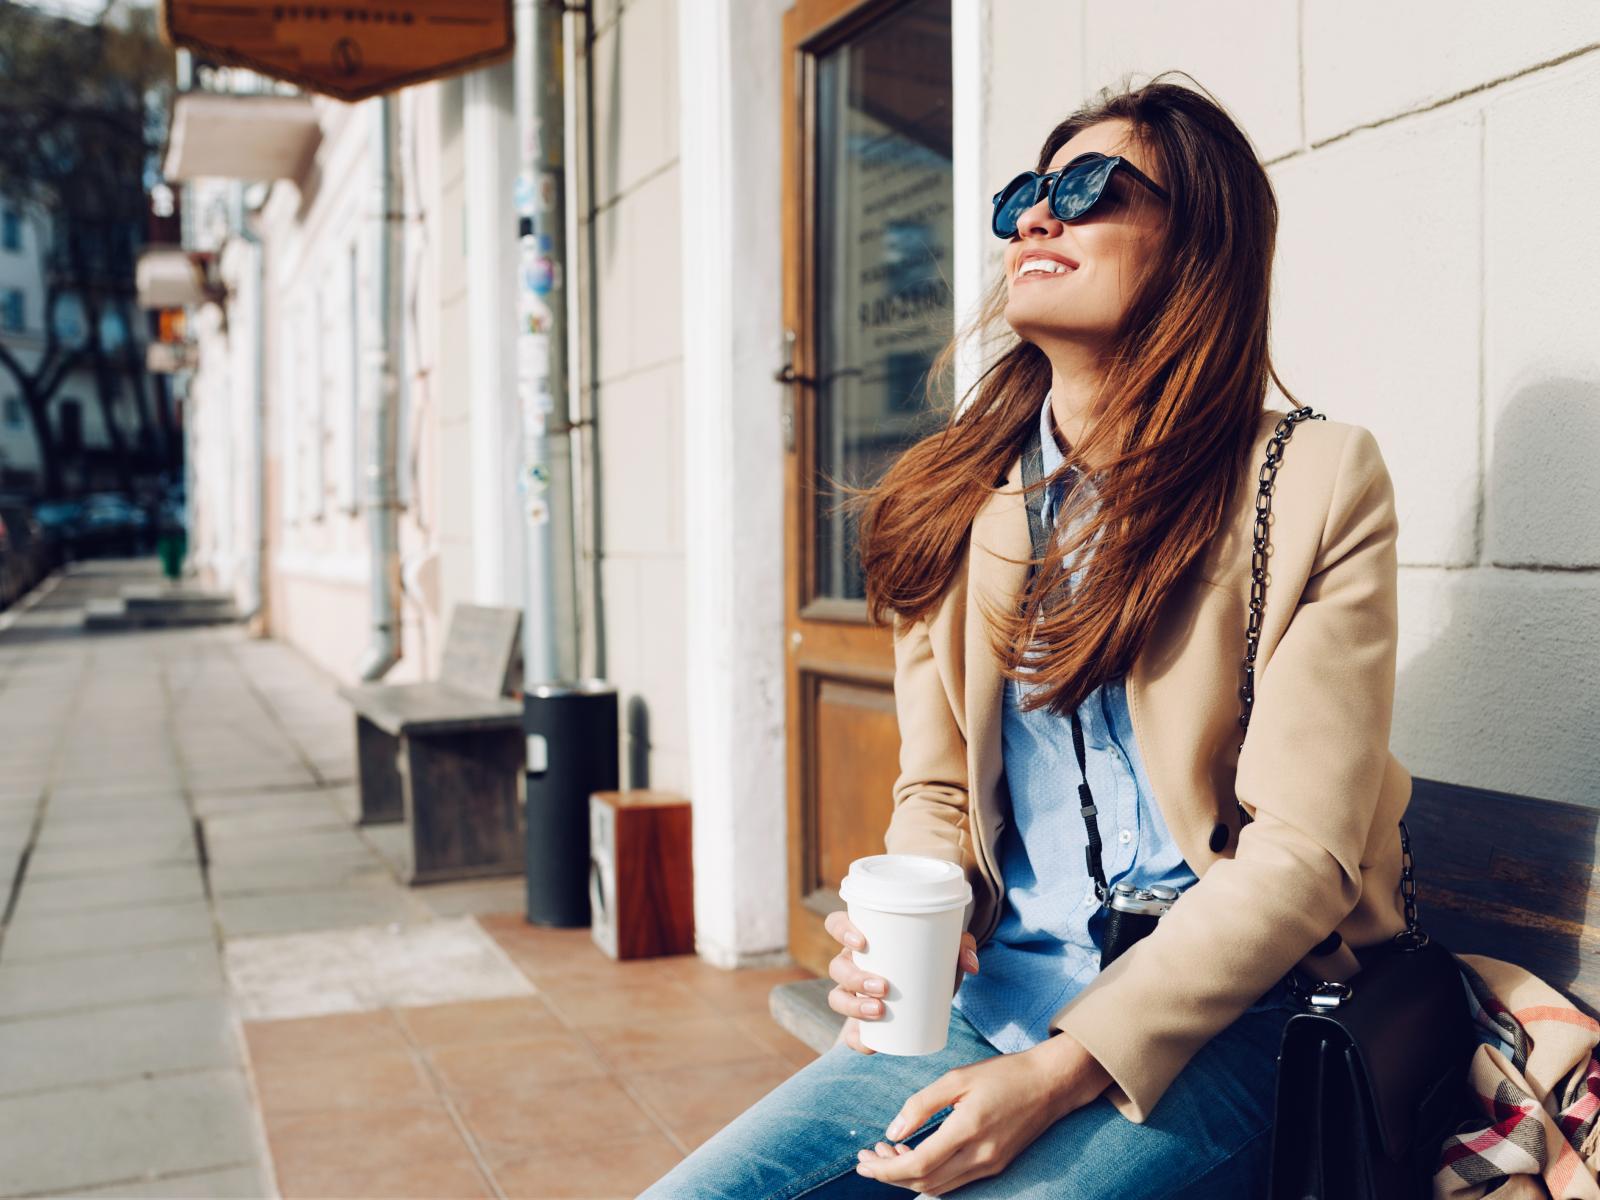 Zaboravite sunčane naočale kad nema sunca, kažu da ovaj trik 'pali'.